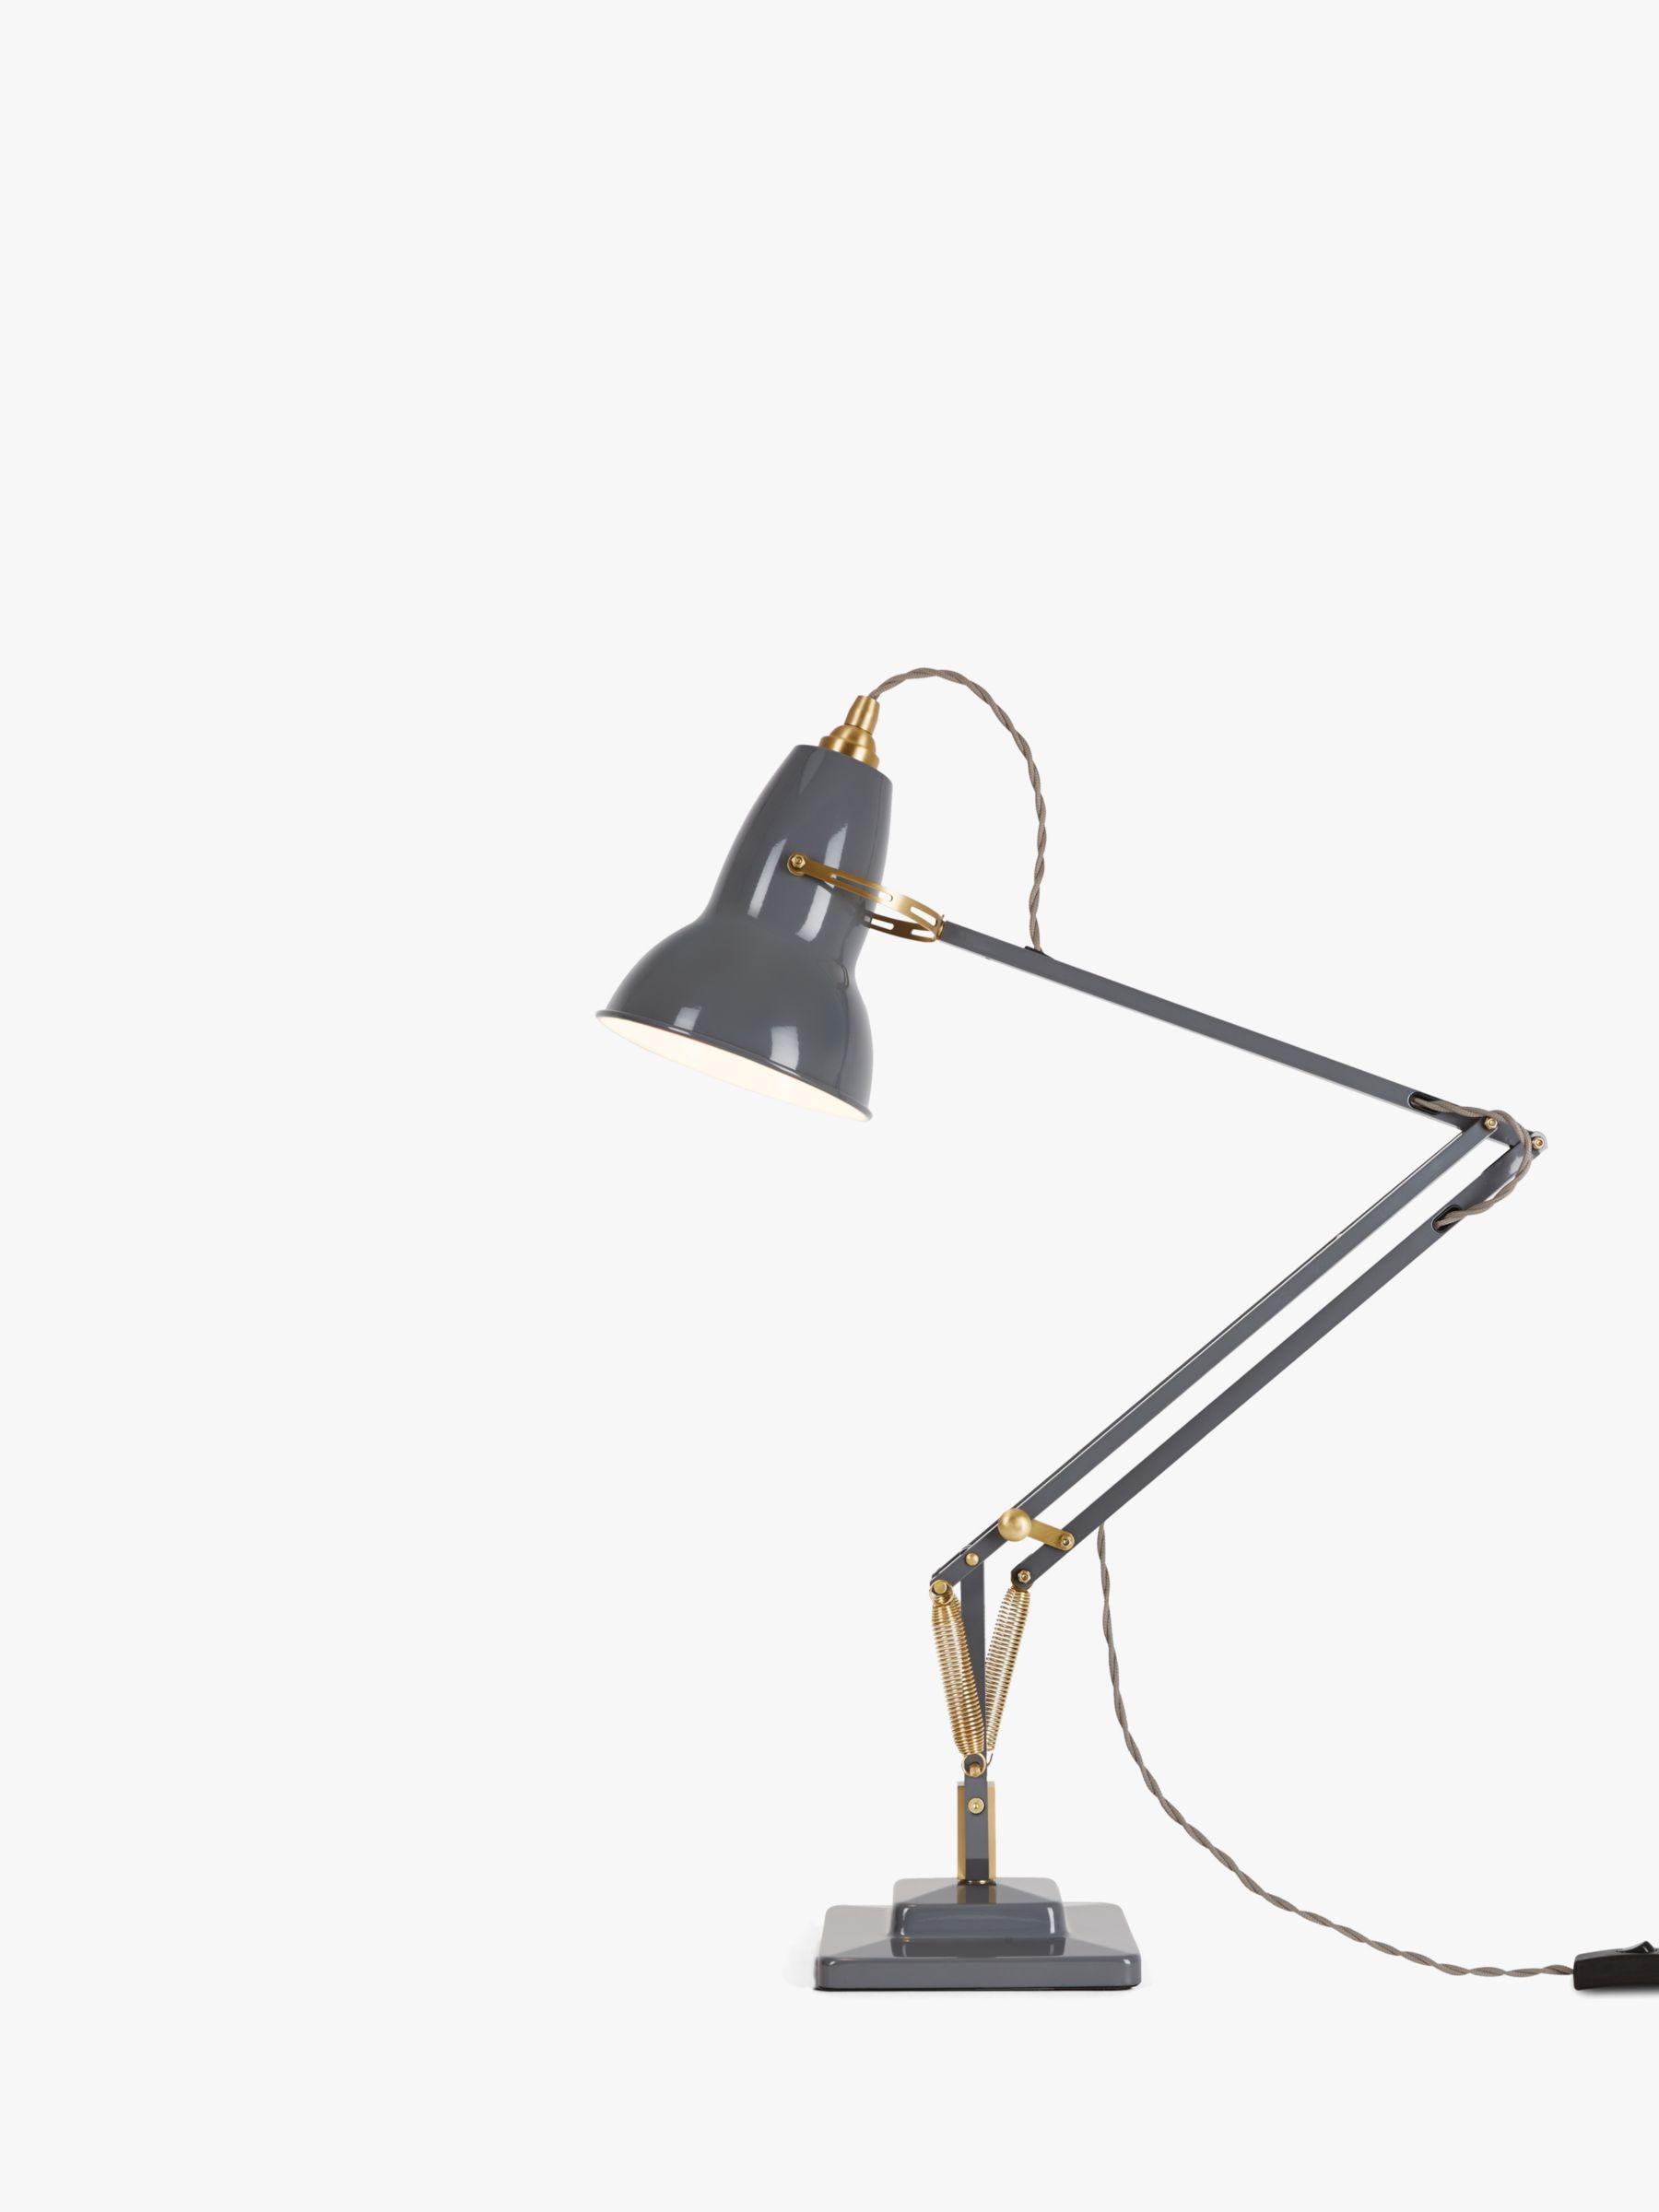 Buy Anglepoise Original 1227 Brass Desk Lamp